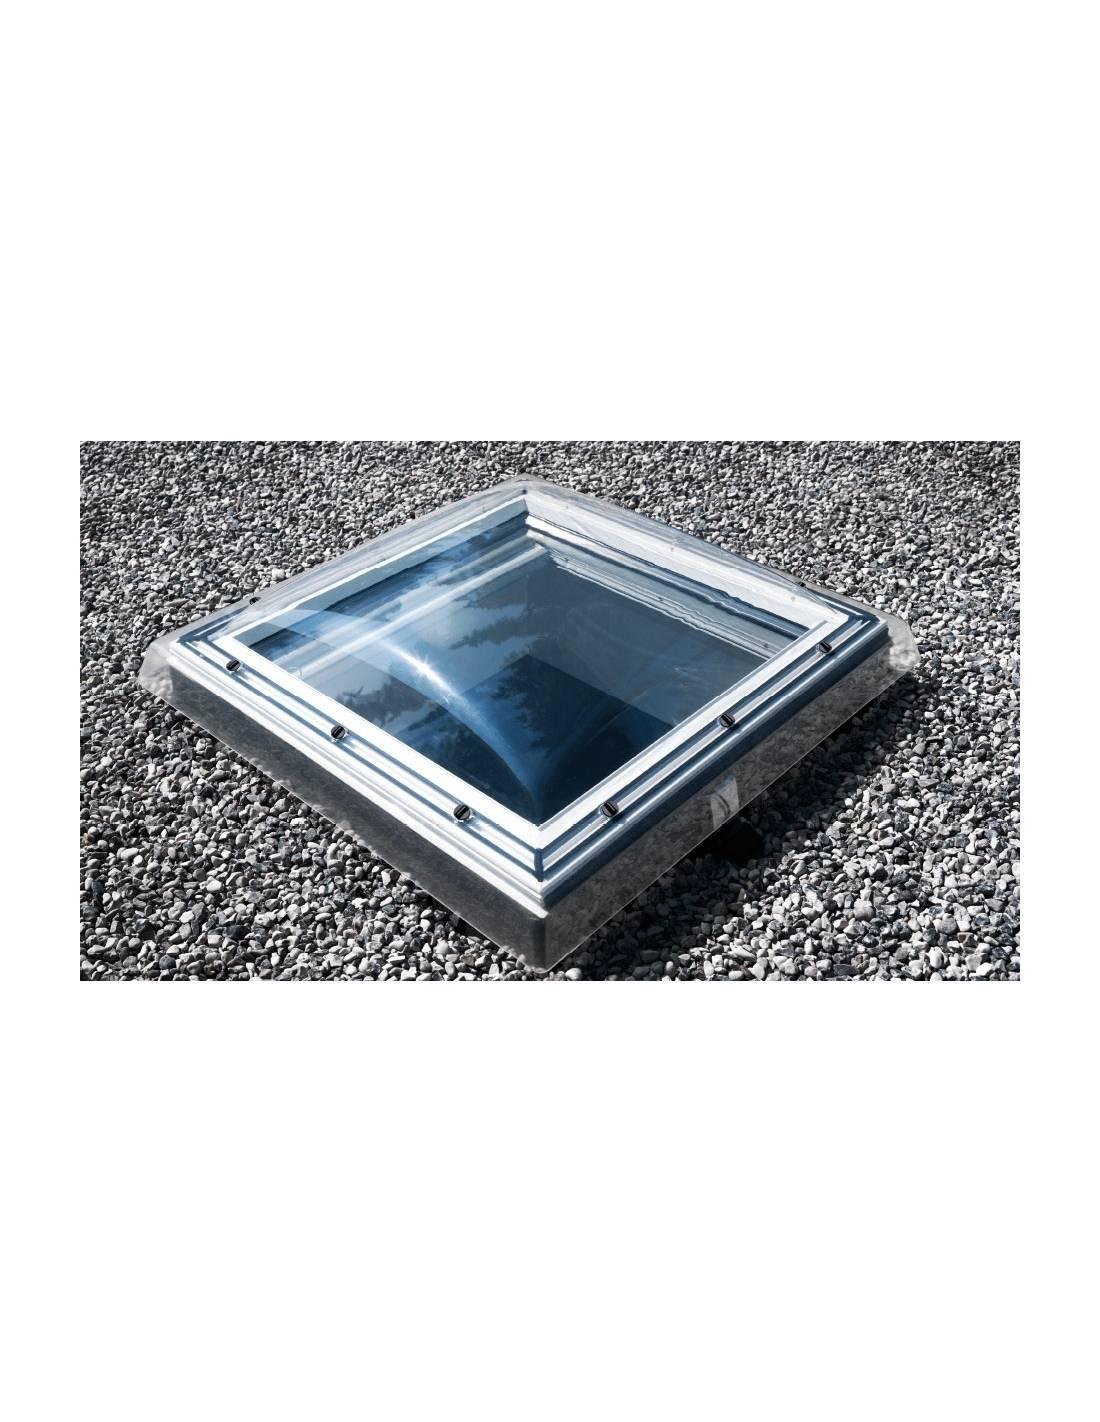 Velux cfp finestra cupolino fissa for Finestre tipo velux prezzi